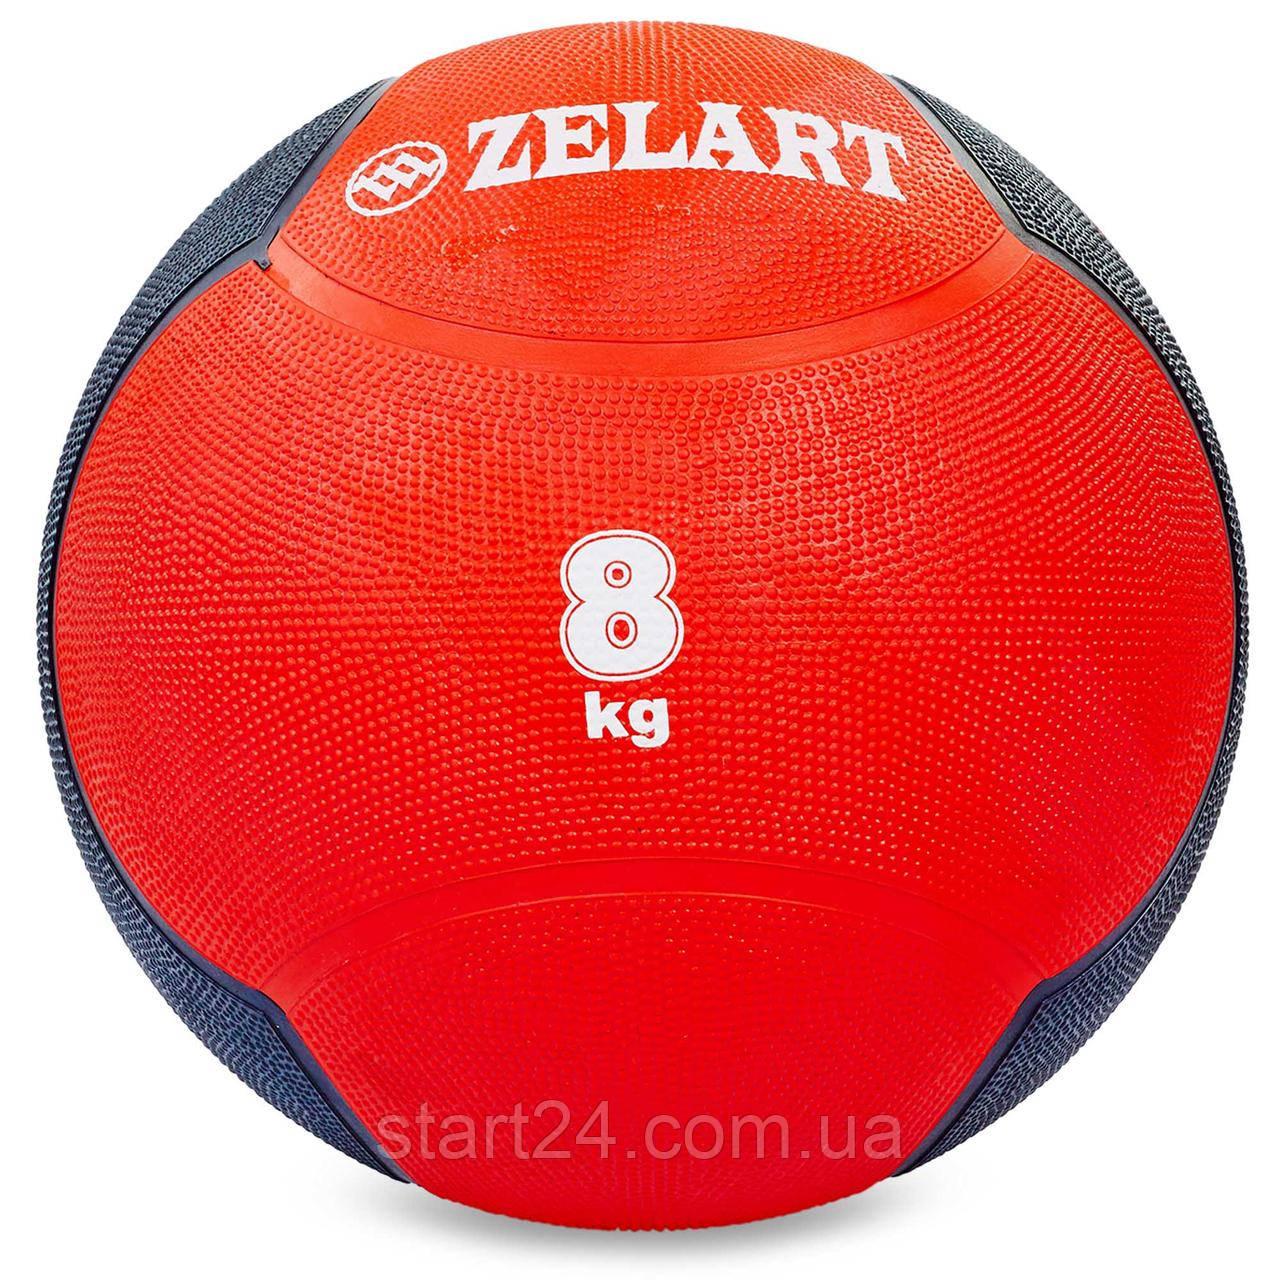 Мяч медицинский медбол Zelart Medicine Ball FI-5121-8 8кг (резина, d-28,5см, красный-черный)